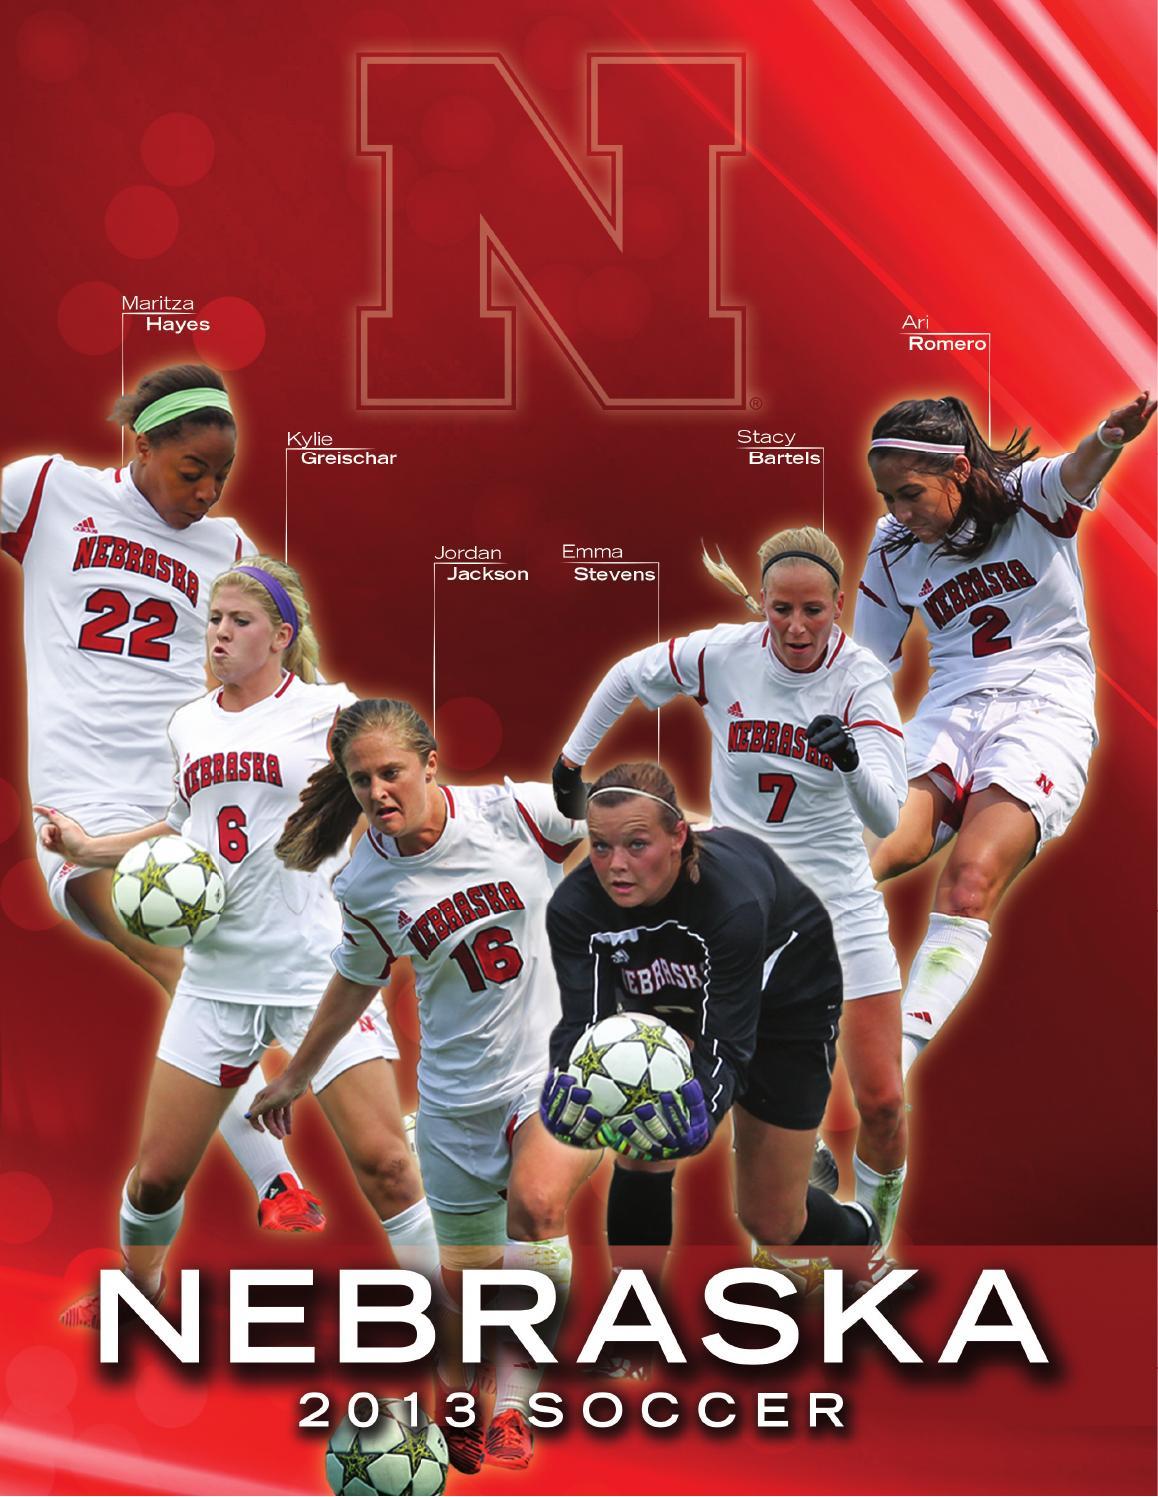 d1e965dd04fe 2013 Nebraska Women s Soccer Guide by Jeremy Foote - issuu